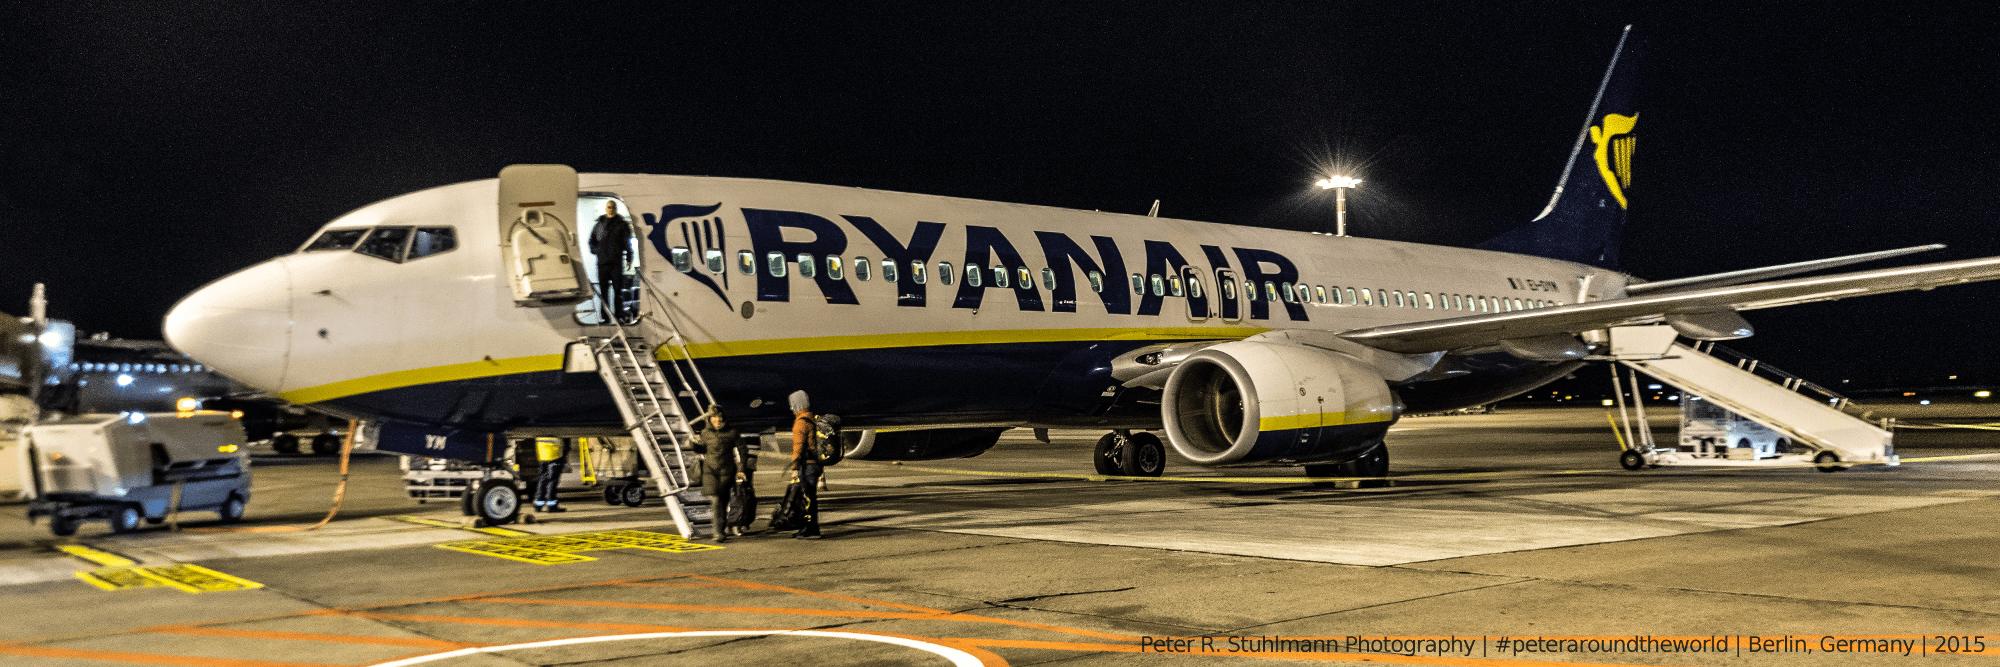 Ryanair-Flieger am Flughafen Schönefeld.